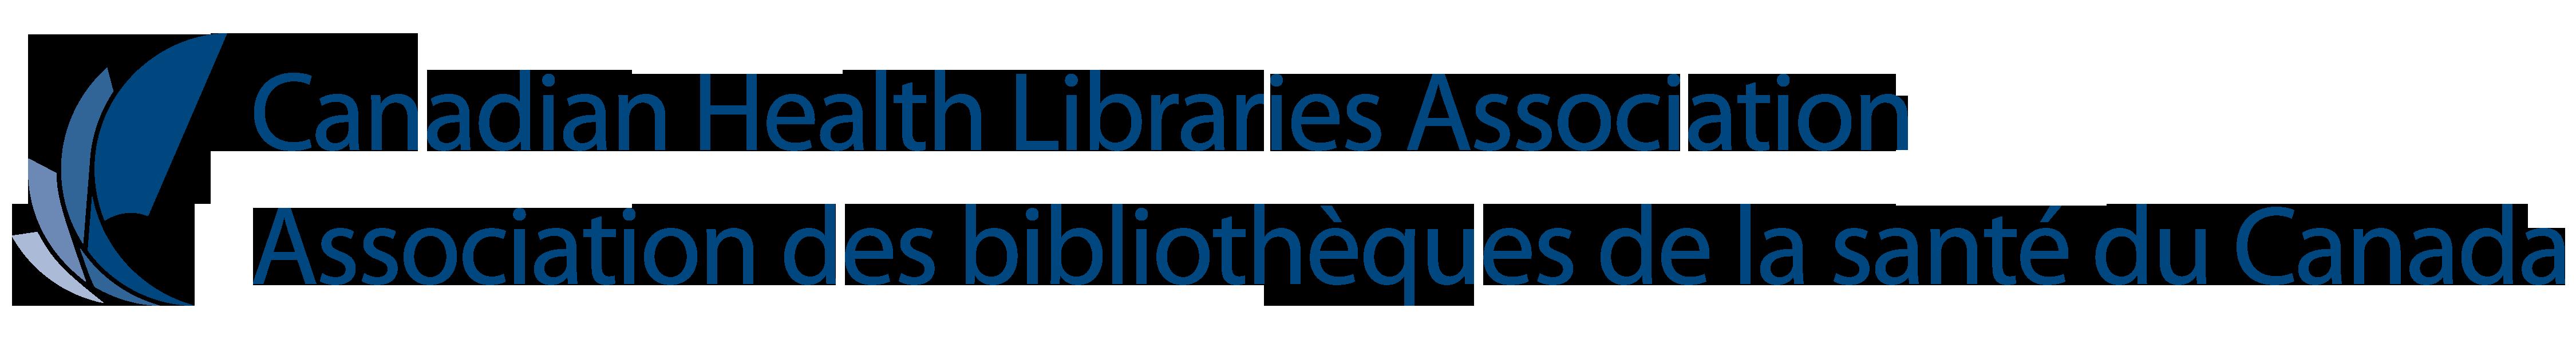 CHLA Logo